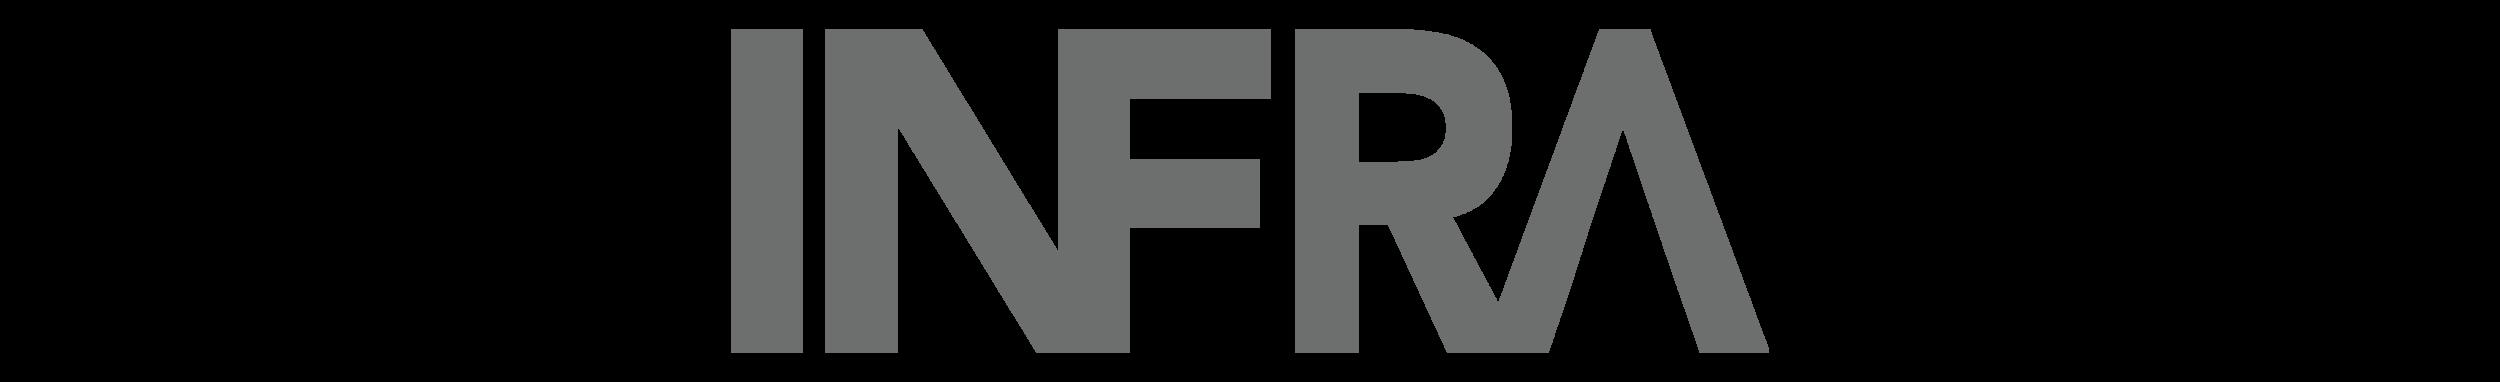 Infra Logo_wide-08.png